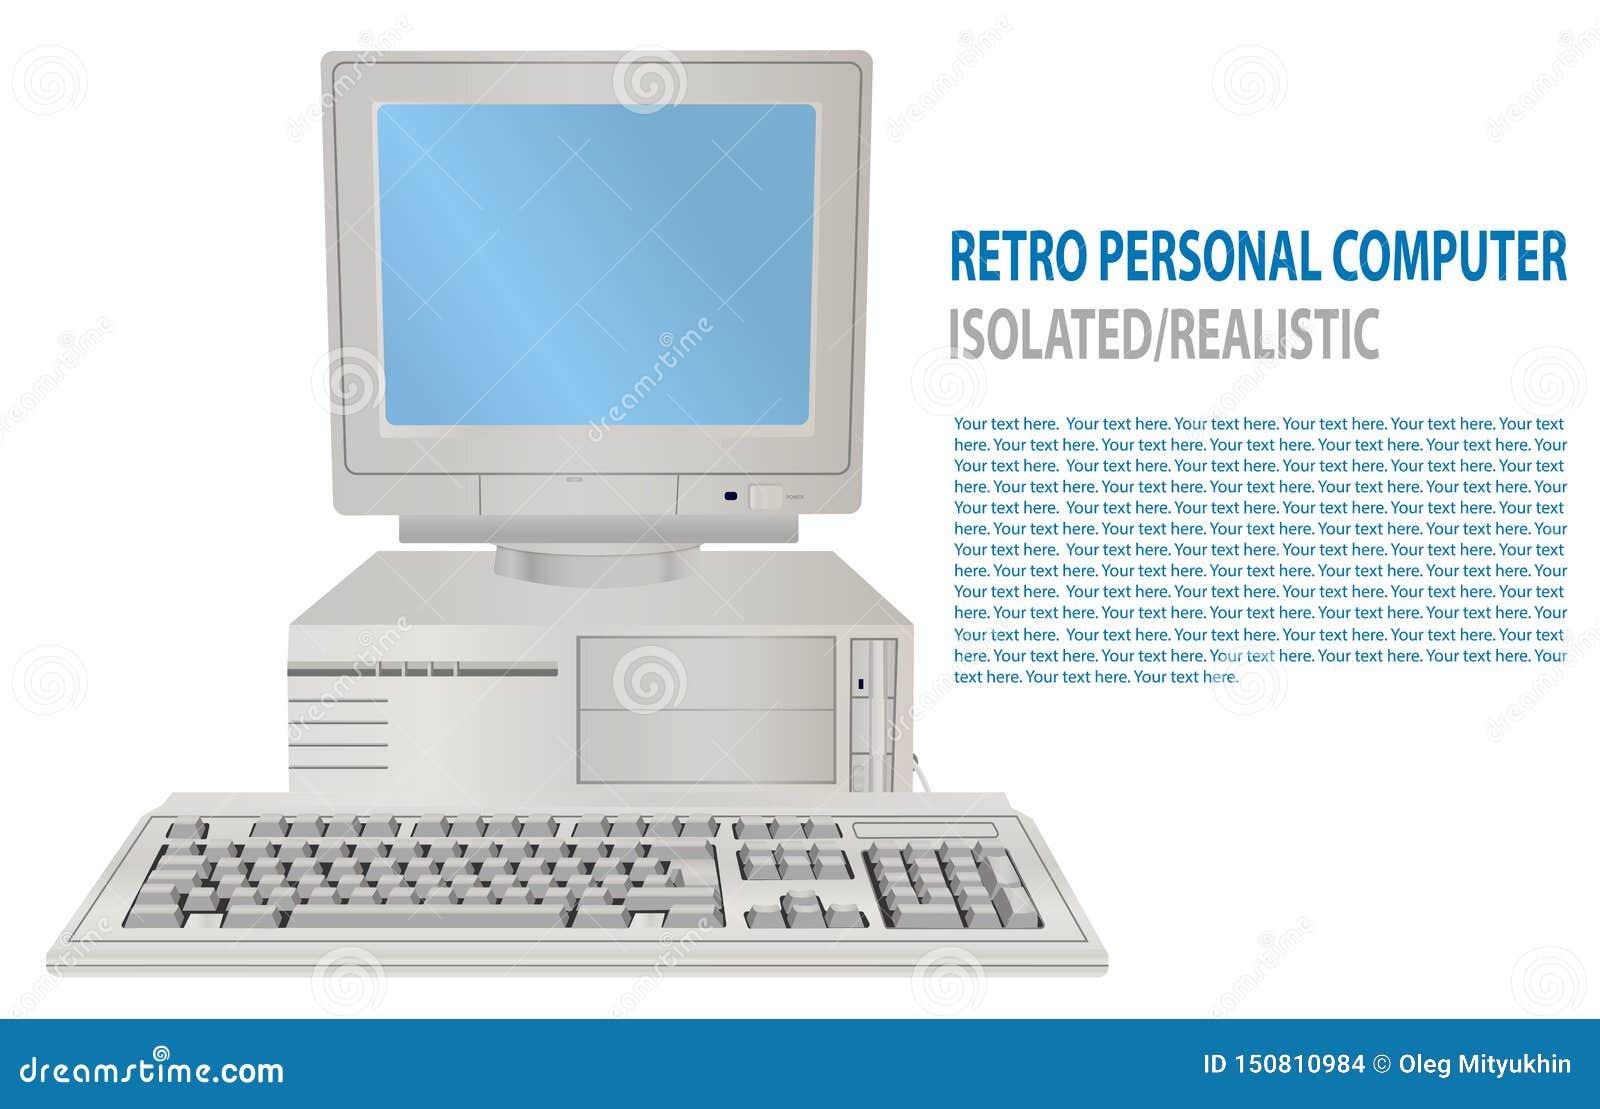 Иллюстрация вектора изолированного реалистического ретро персонального компьютера старый ПК 3D с дисплеем, клавиатурой Компьютер